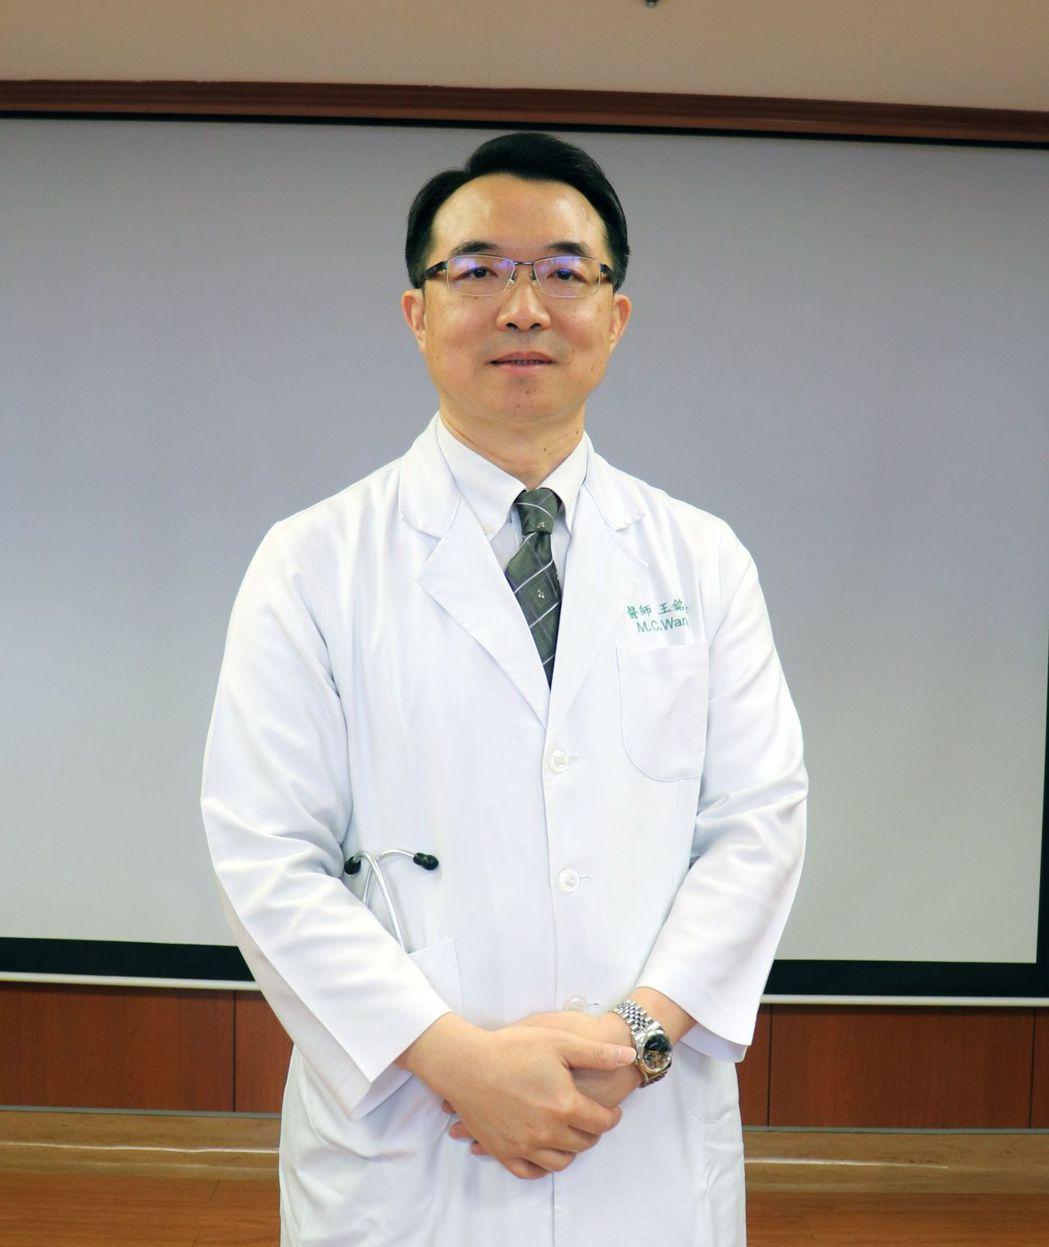 高雄長庚醫院血液腫瘤科主治醫師王銘崇。 圖/癌症希望基金會提供